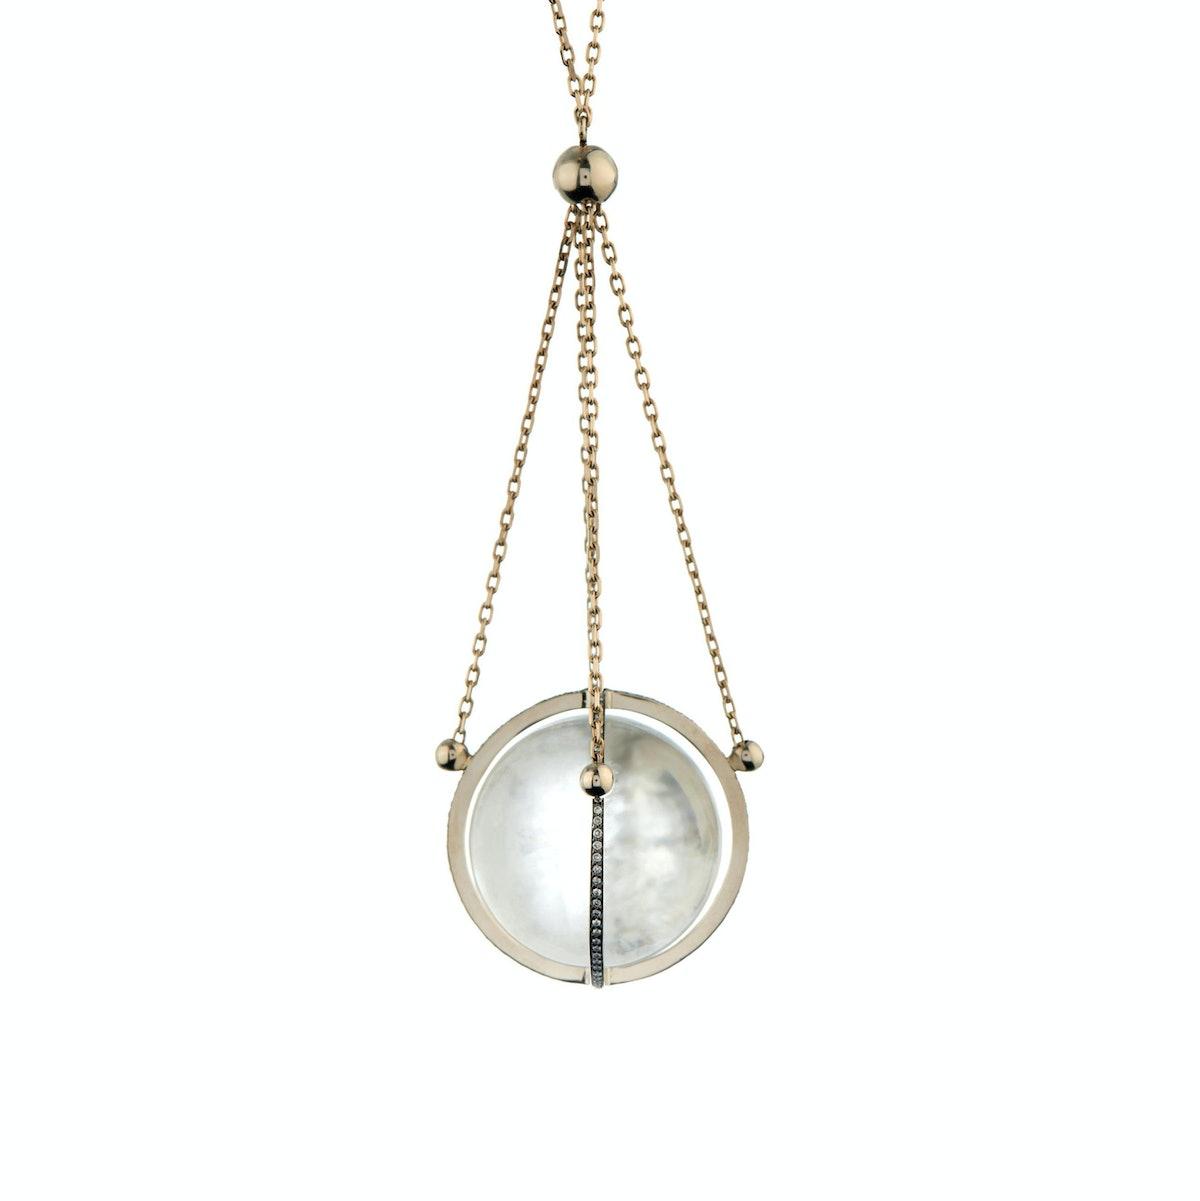 Noor Fares diamond necklace